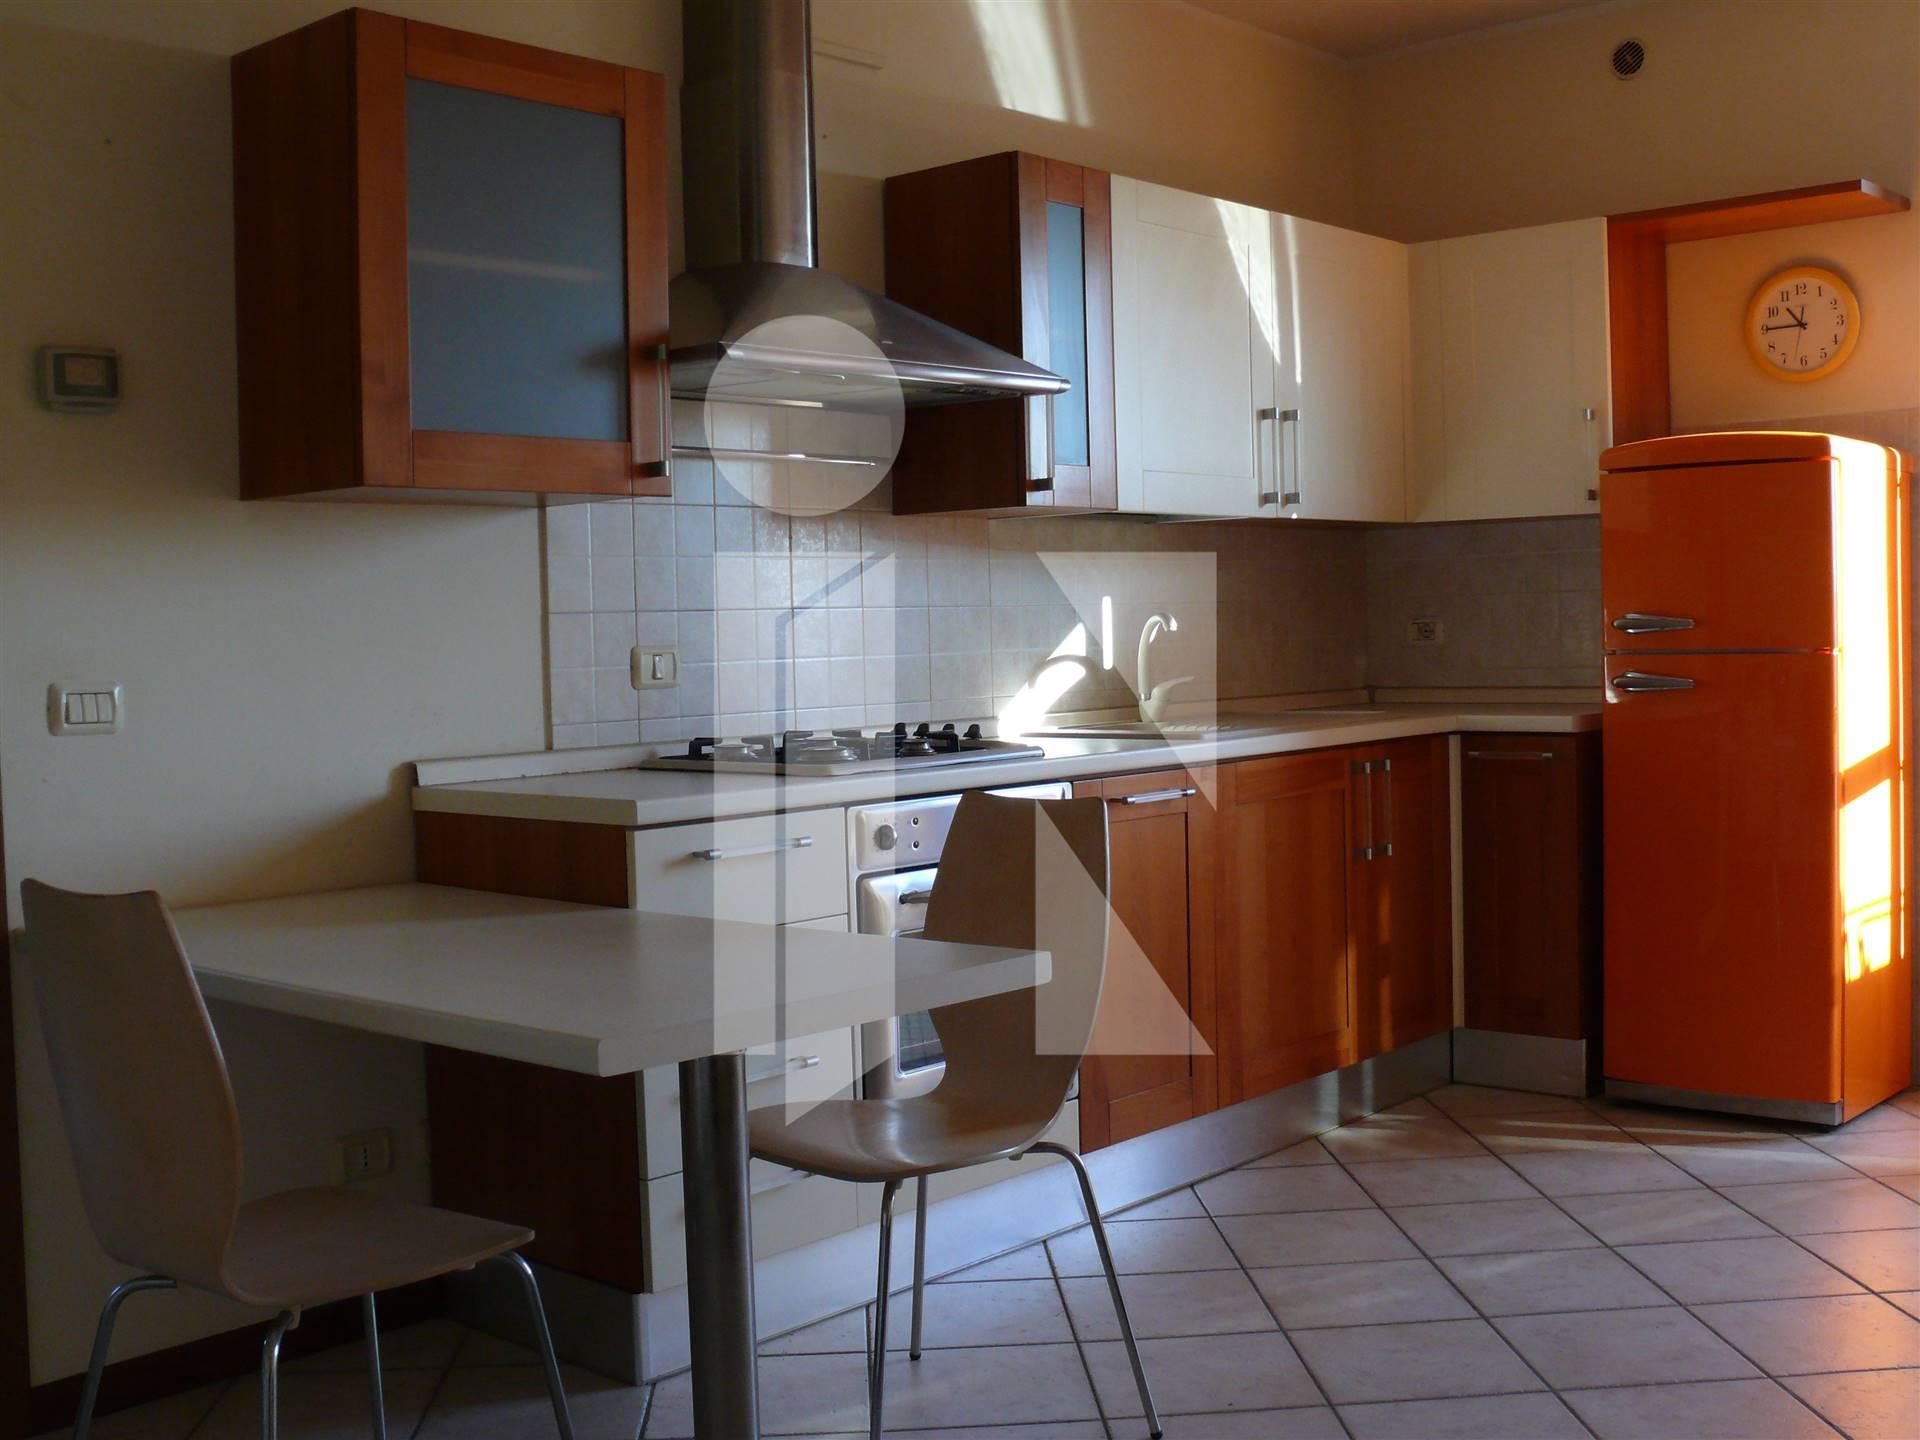 Appartamento bilocale ideale per investimento